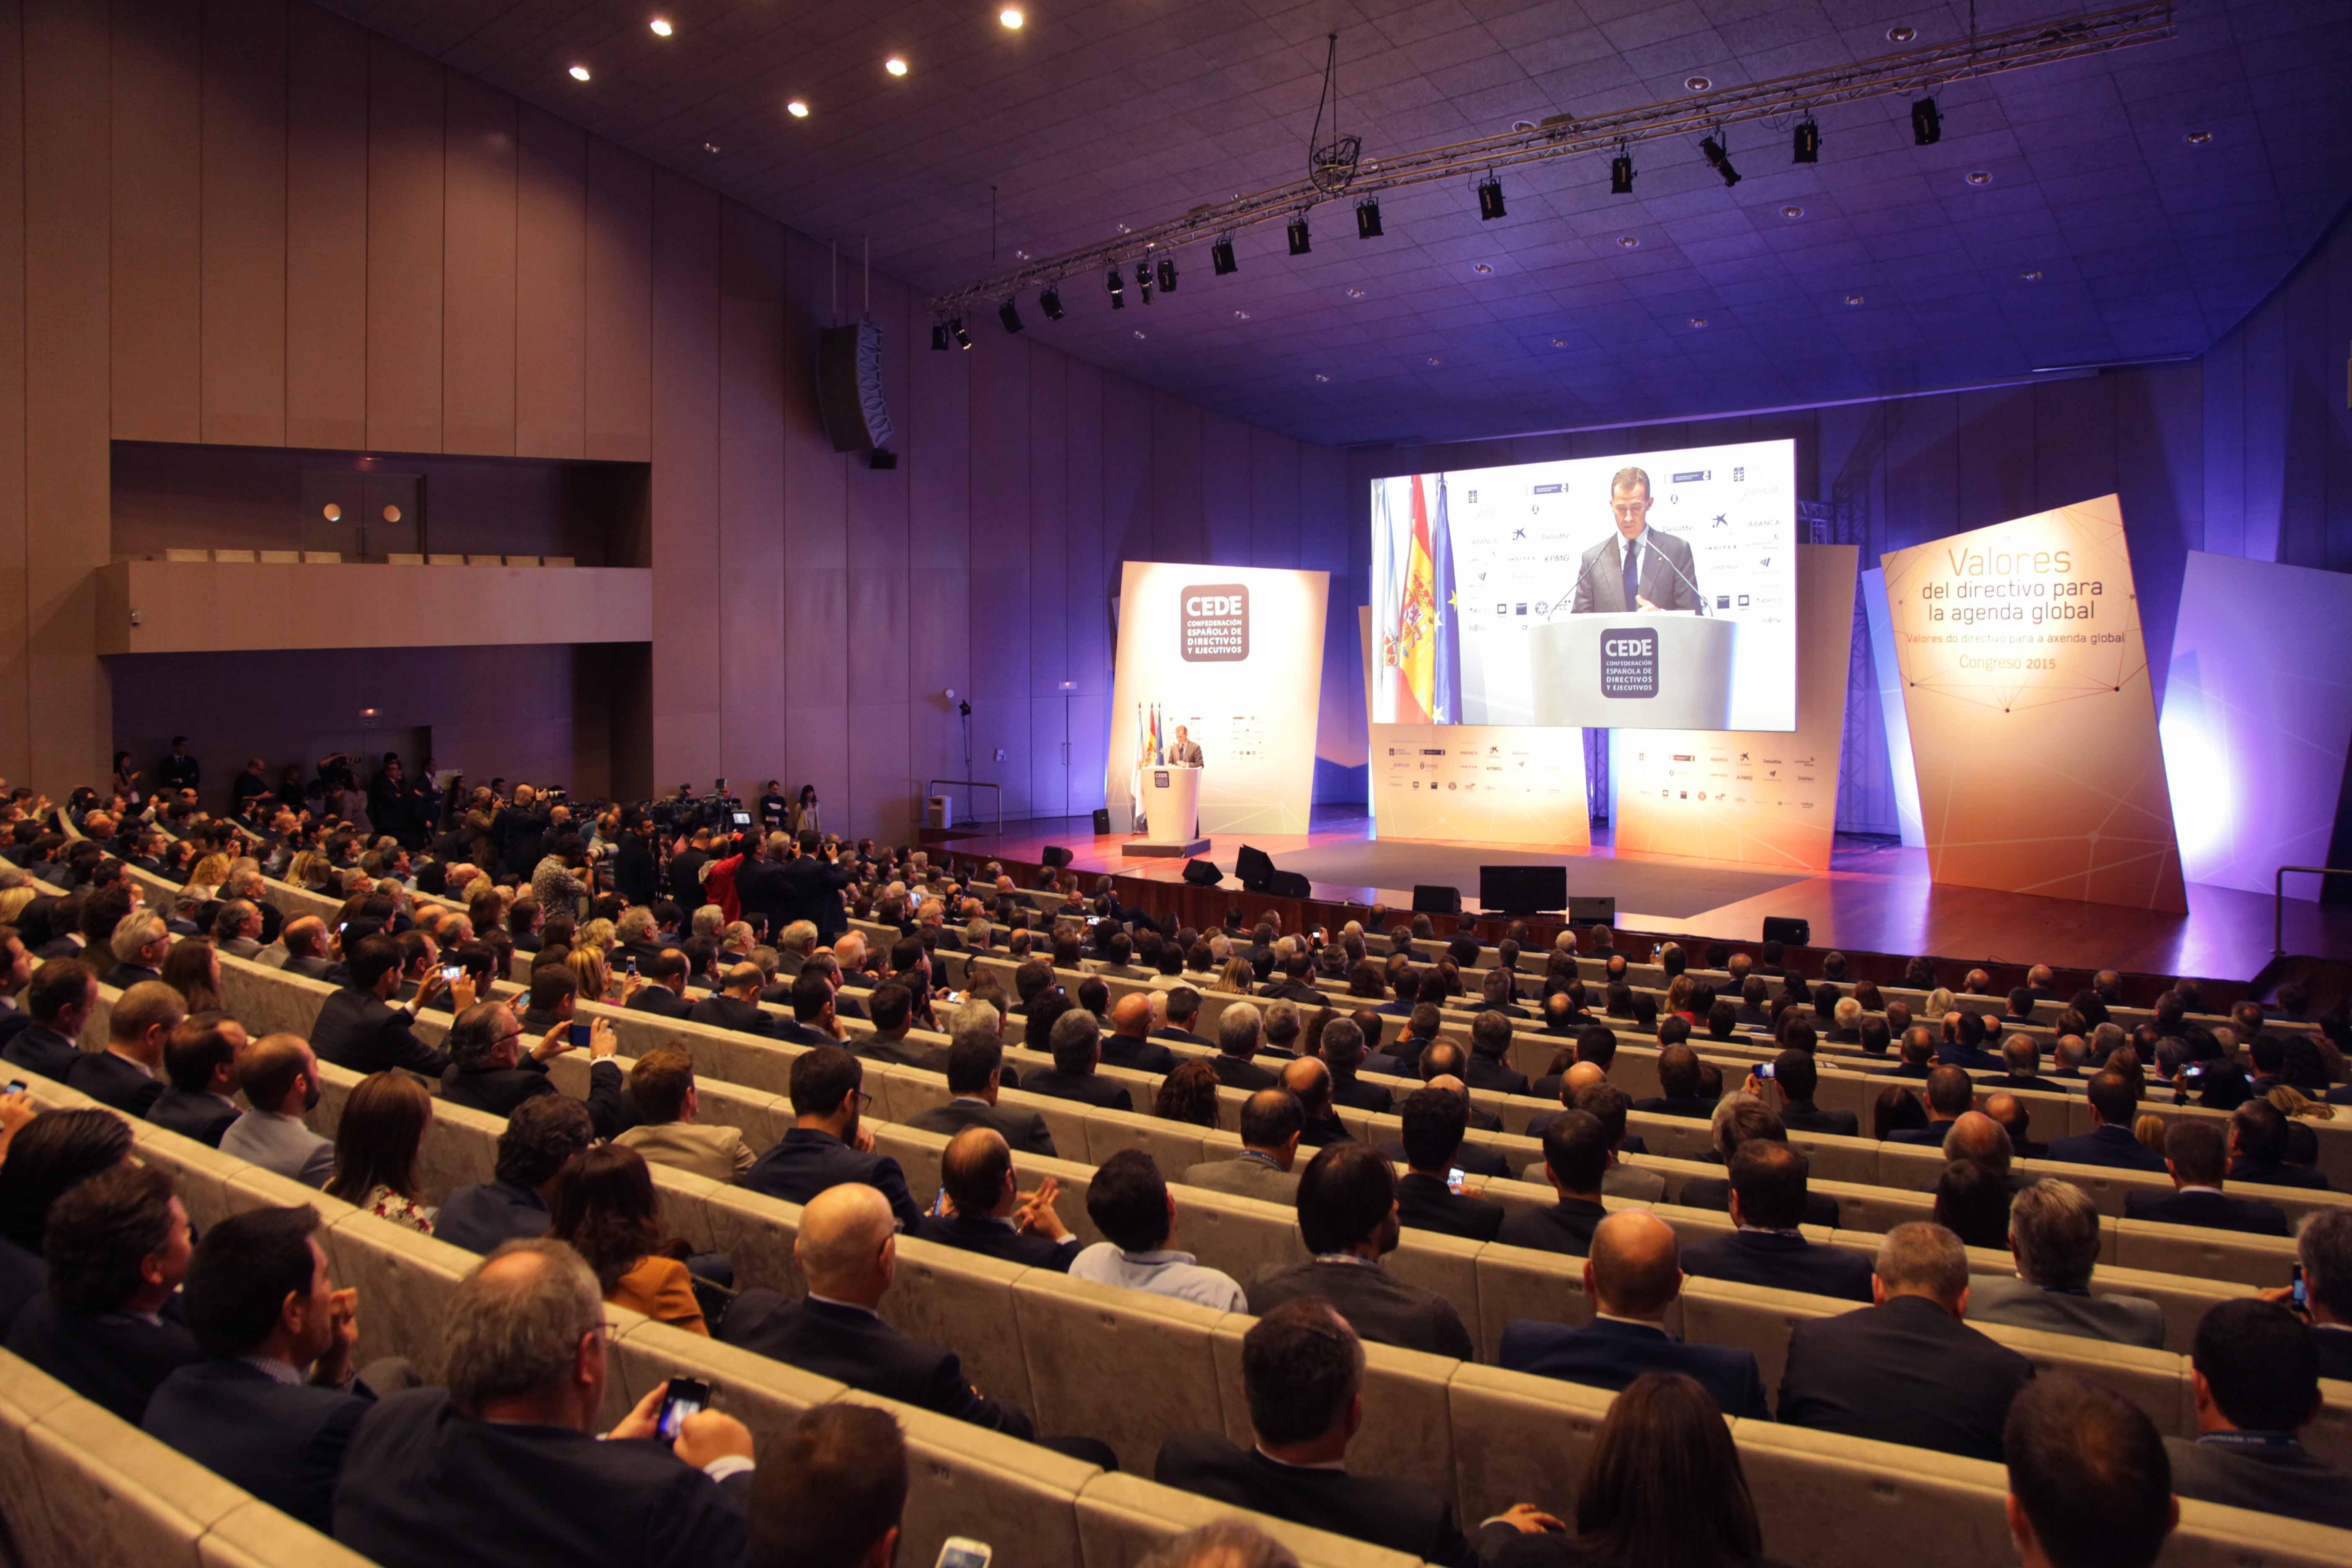 Palexco acogió dos grandes congresos, el CEDE y la Reunión Nacional de Trasplantes